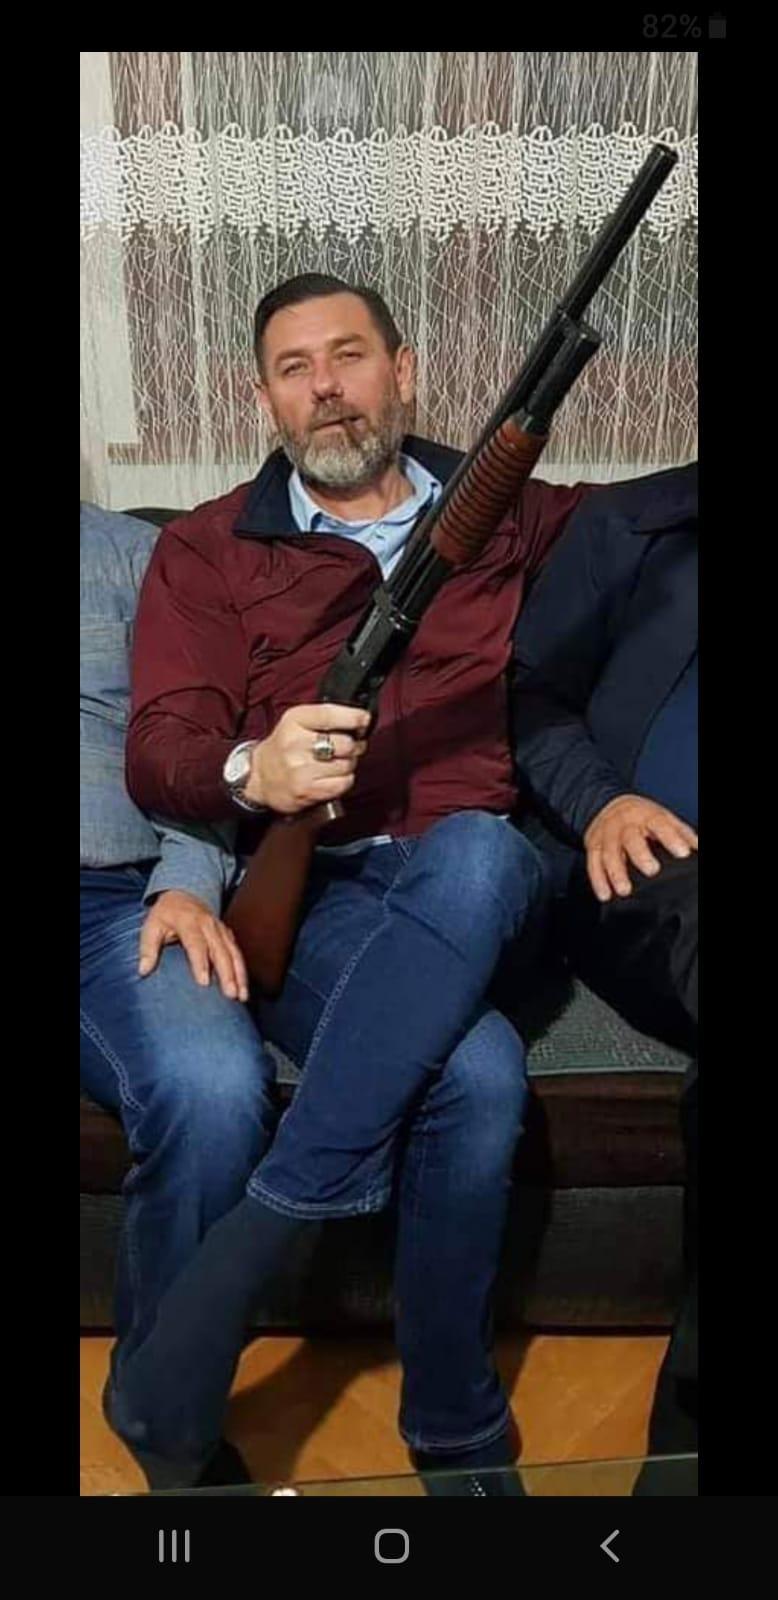 Функционерот-пиштолџија му се заблагодари на Заев: Функцијата не те прави нешто што не си бил